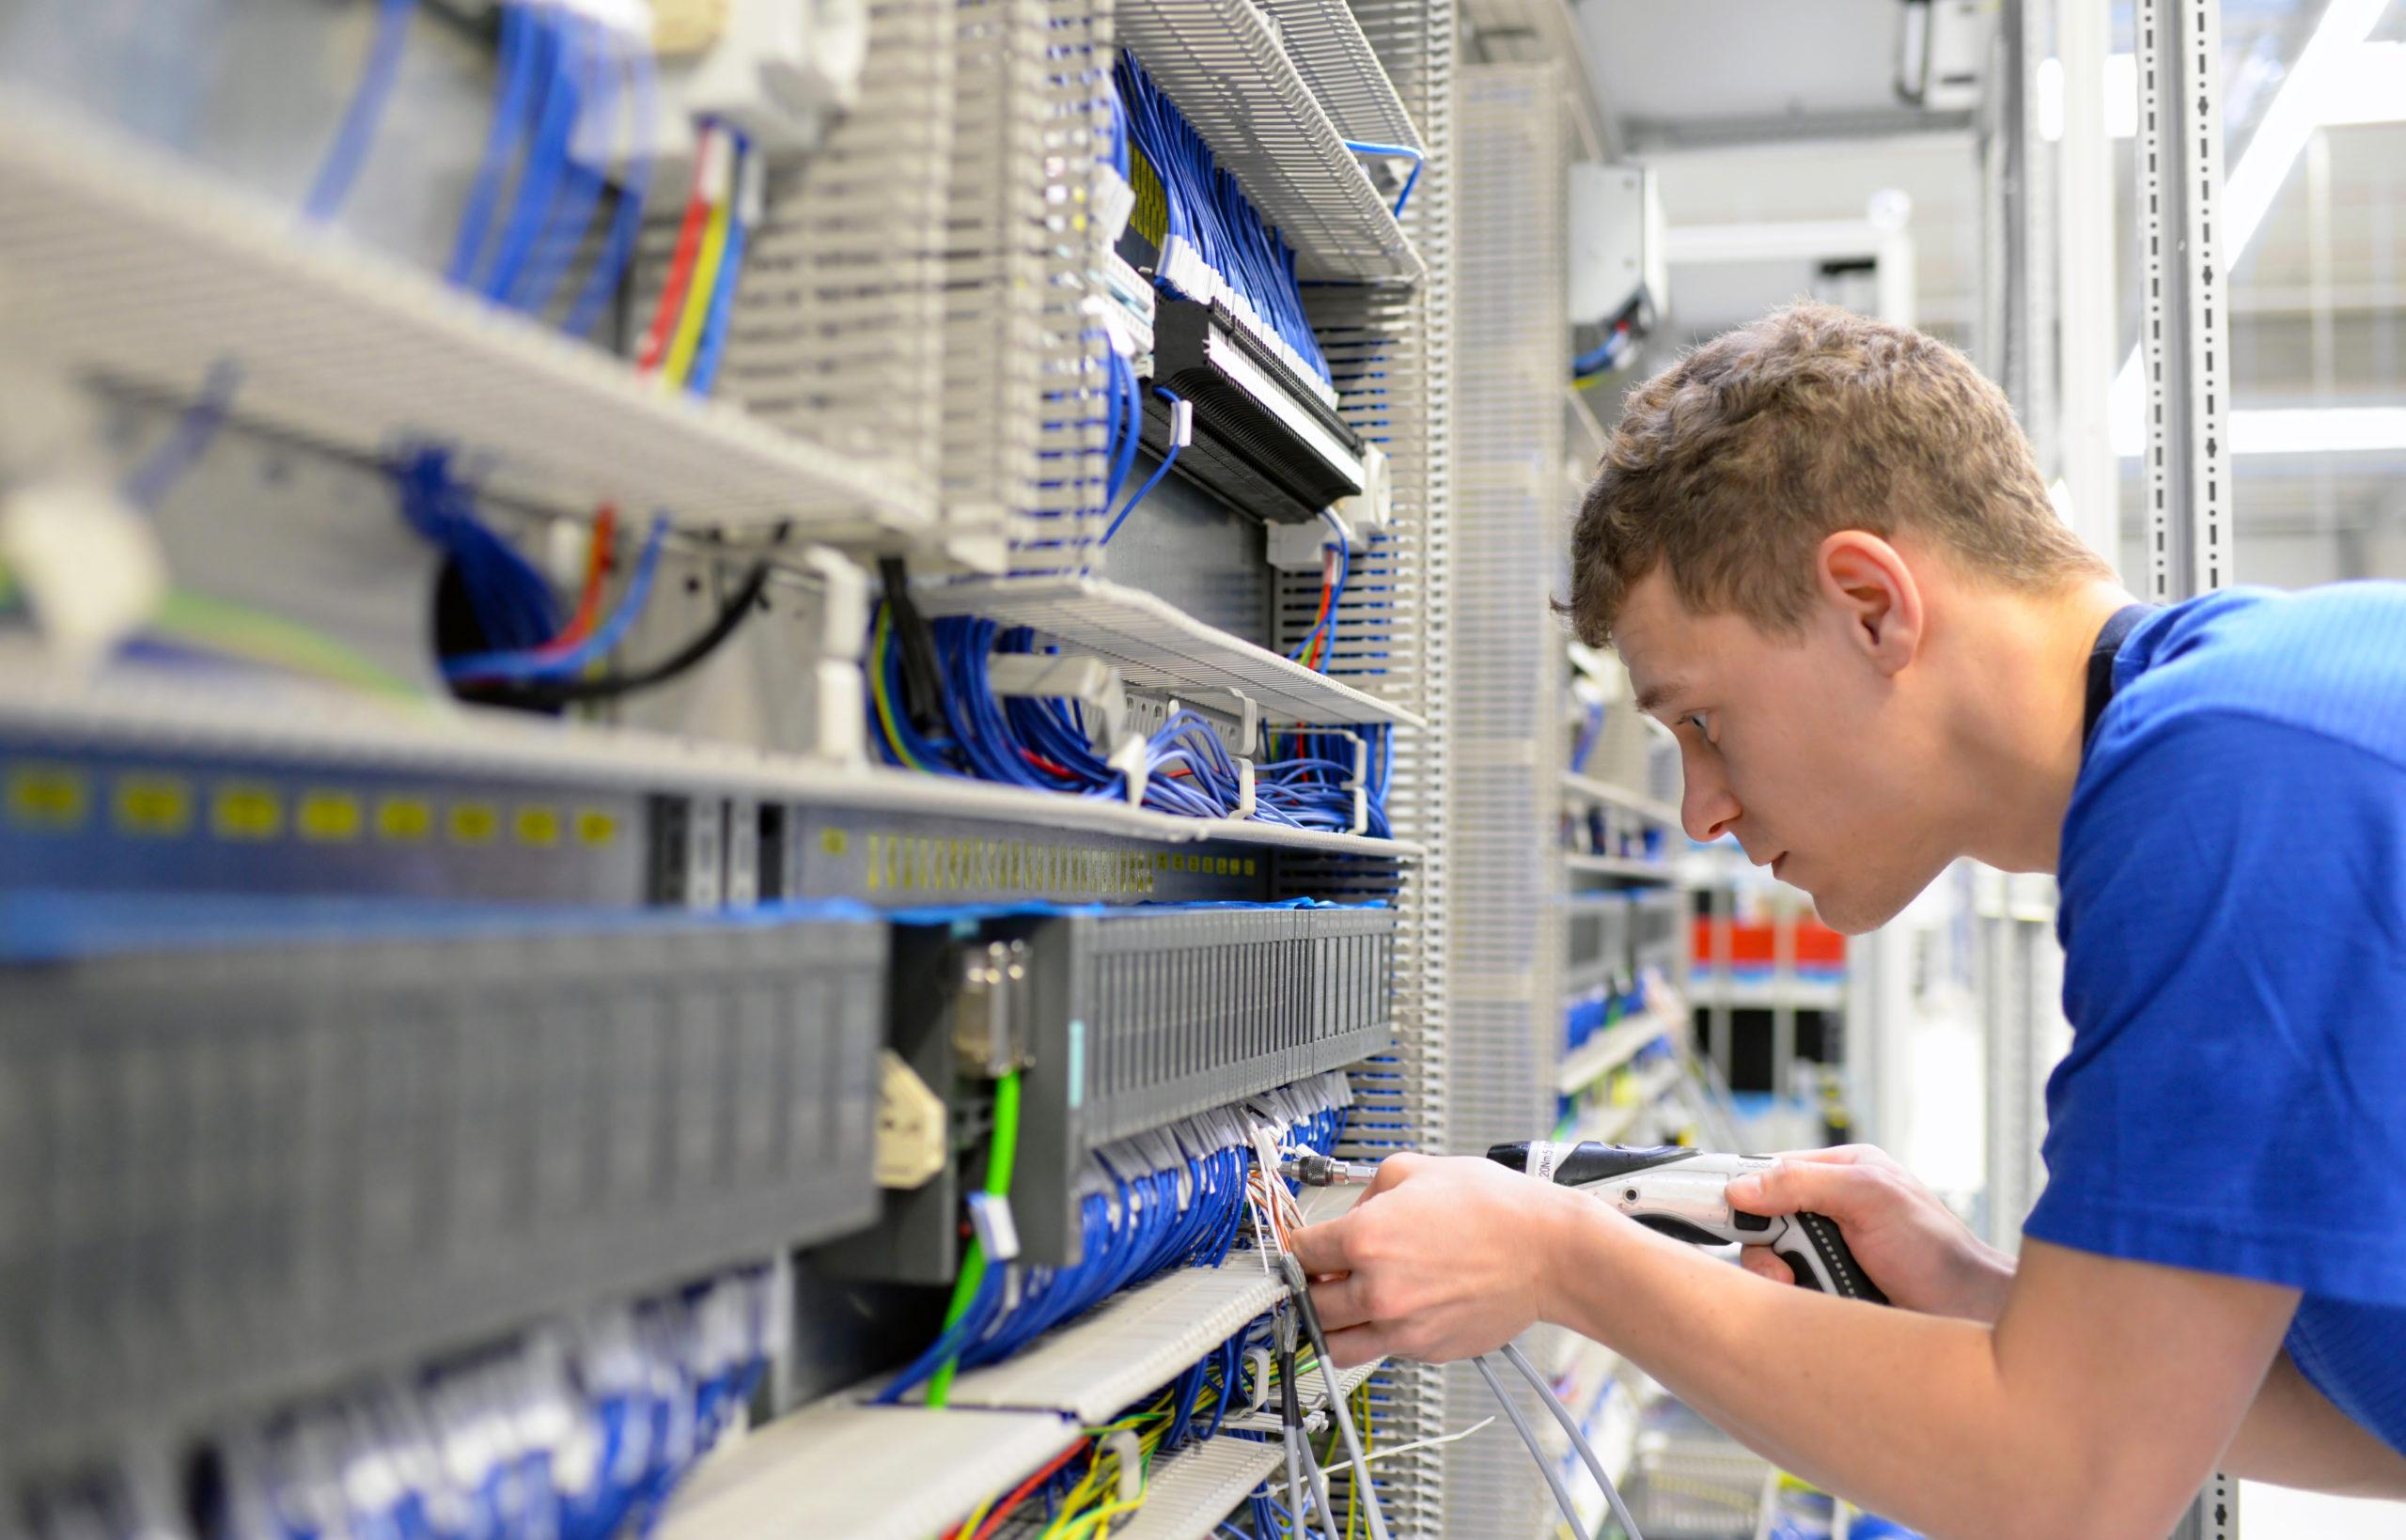 Stellenangebot Elektroniker für Automatisierungstechnik